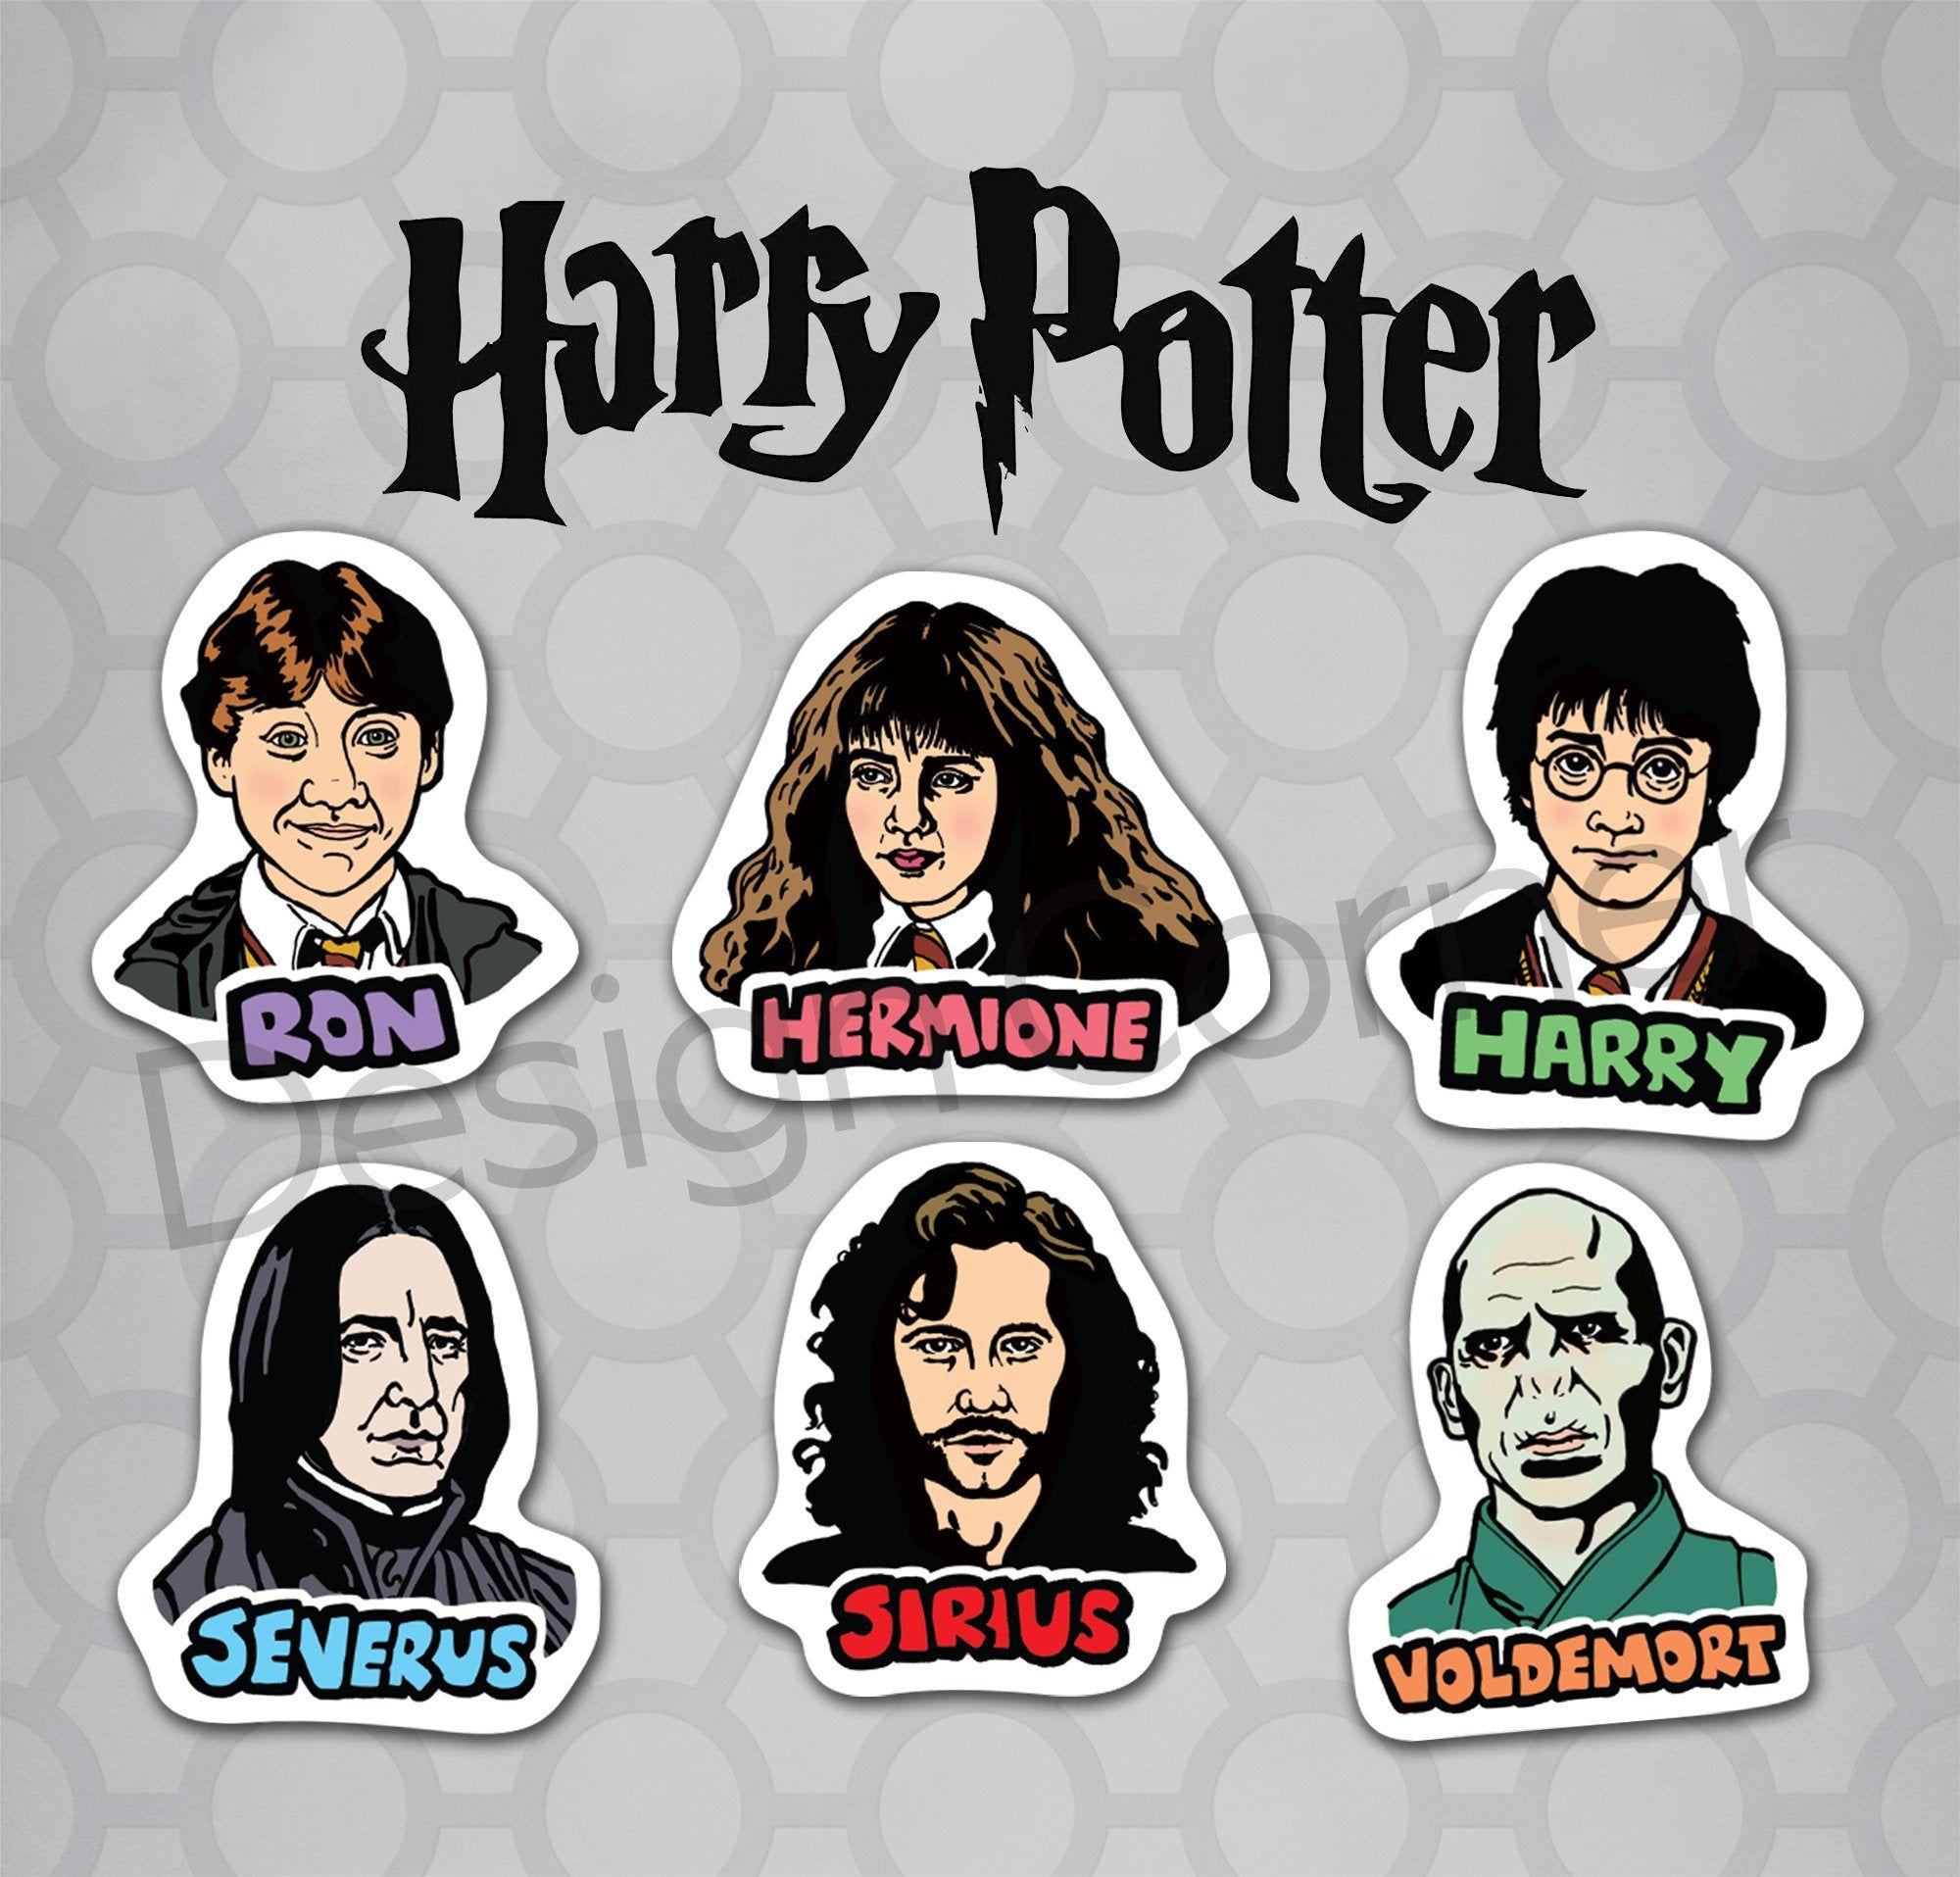 50 Harry Potter Stickers Pack Hogwarts Gryffindor Ron Hermione Vinyl Decals